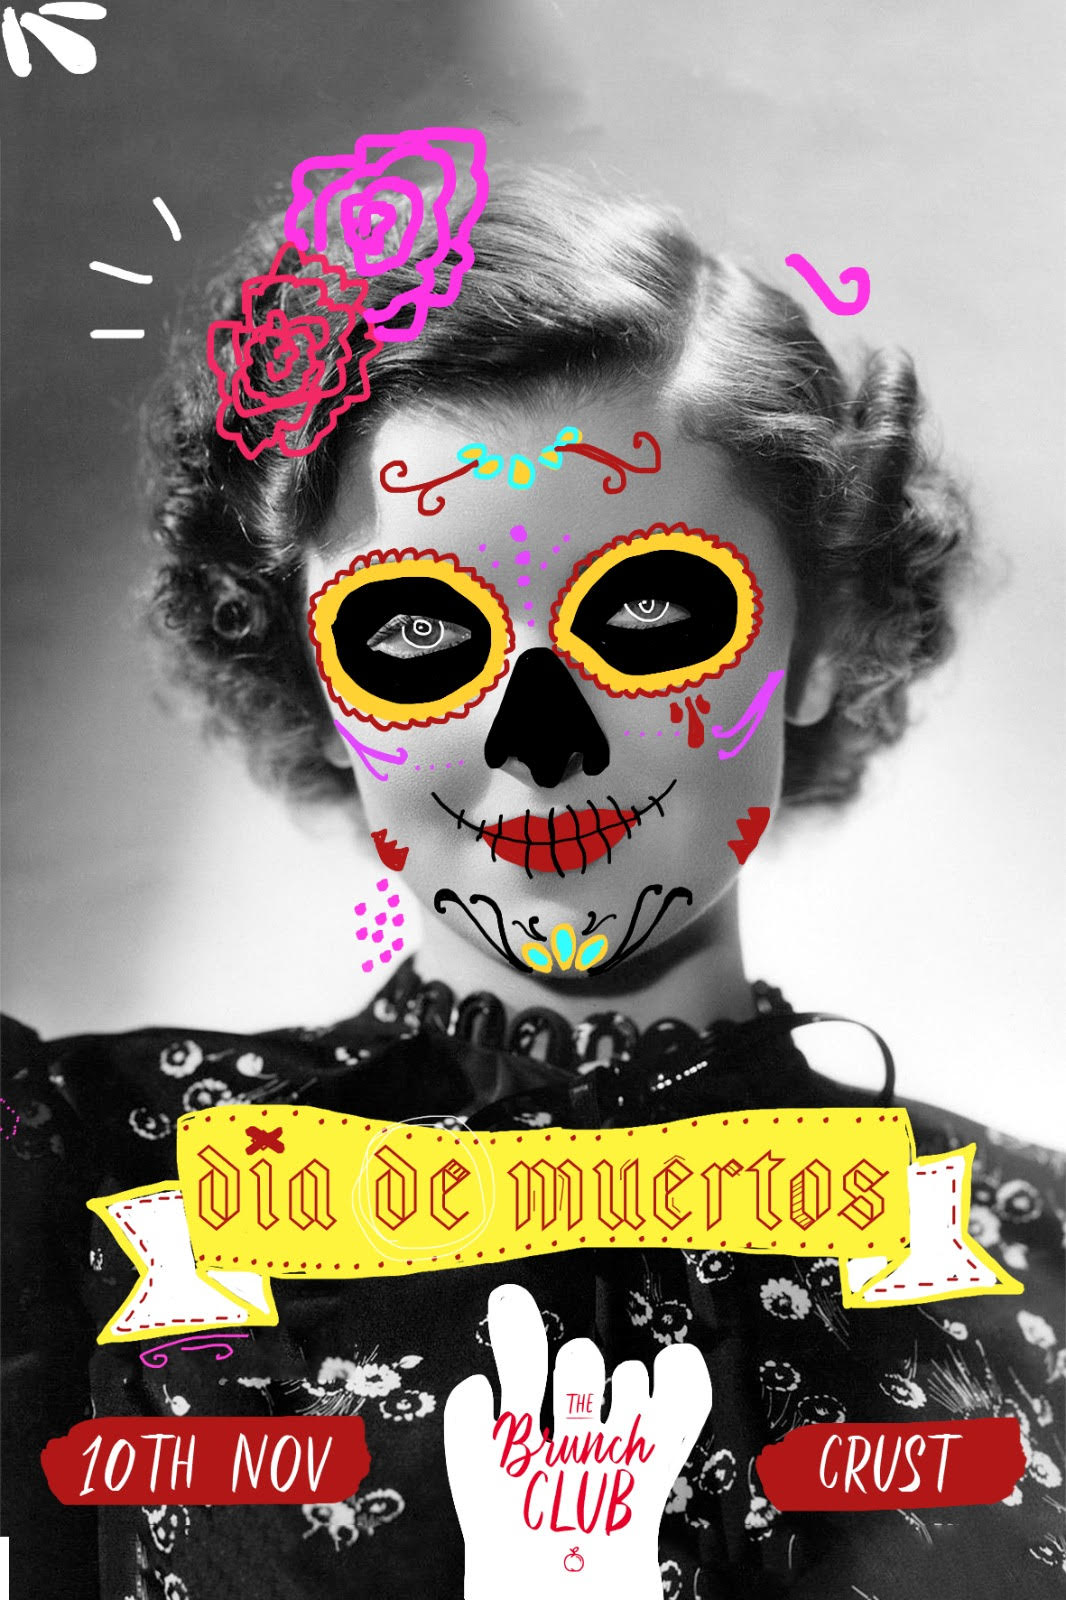 The Brunch Club: Dia de Muertos Post-Brunch flyer